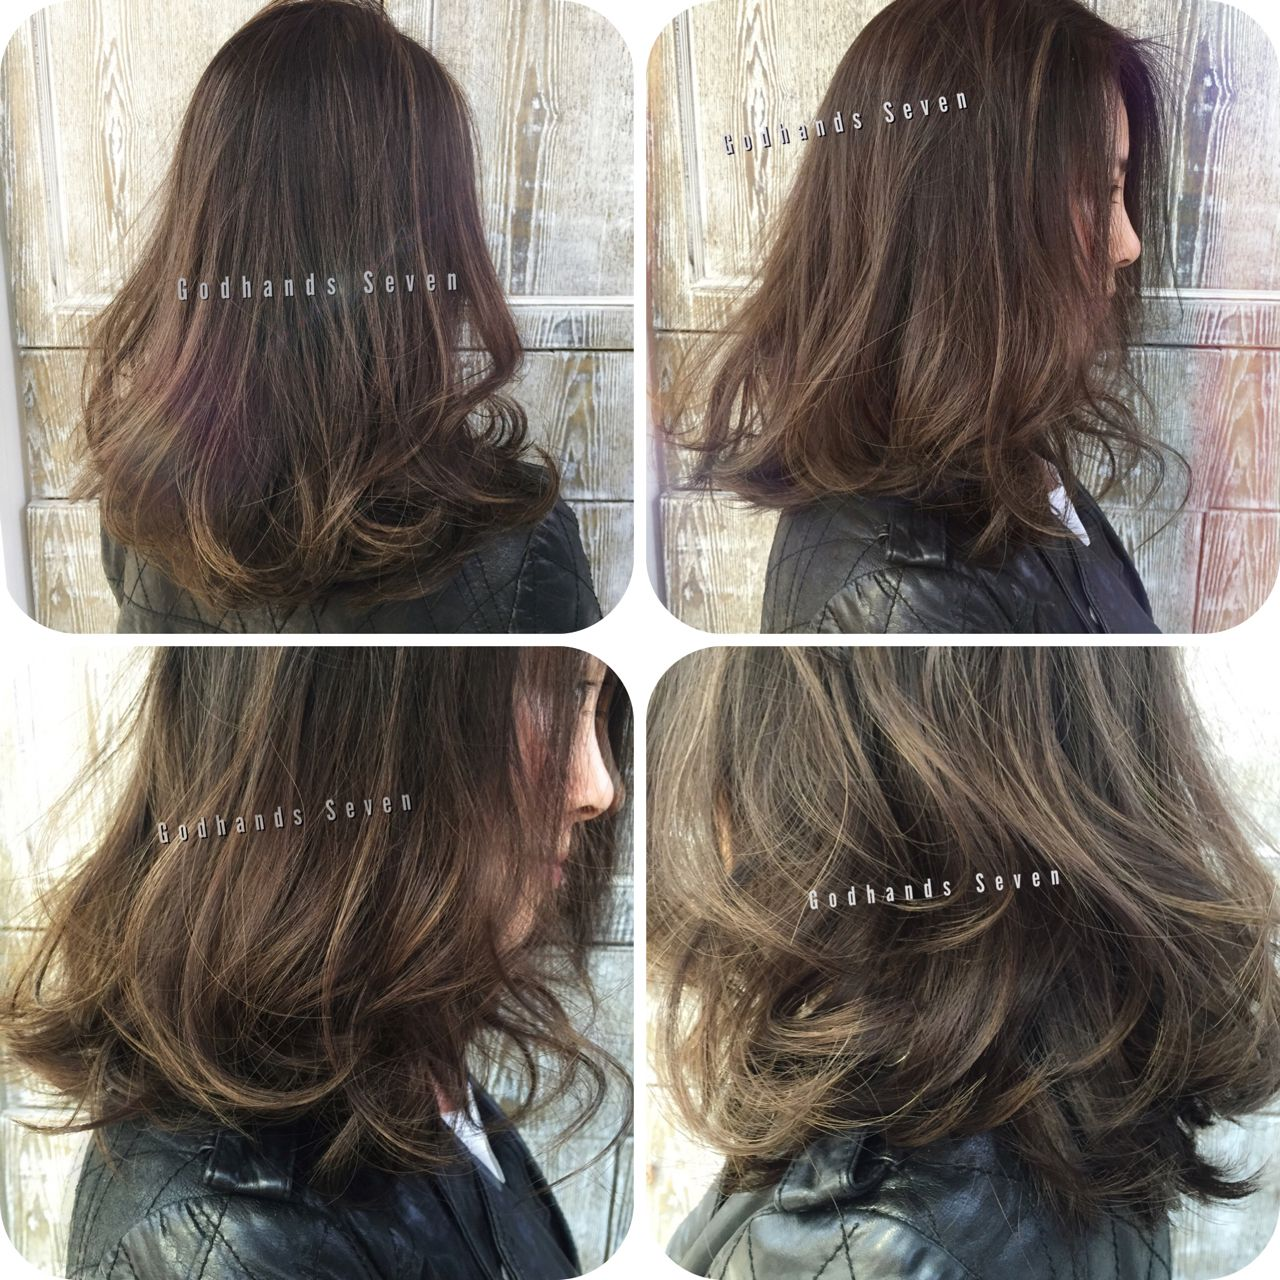 ウェットヘア ストリート ショート 暗髪 ヘアスタイルや髪型の写真・画像